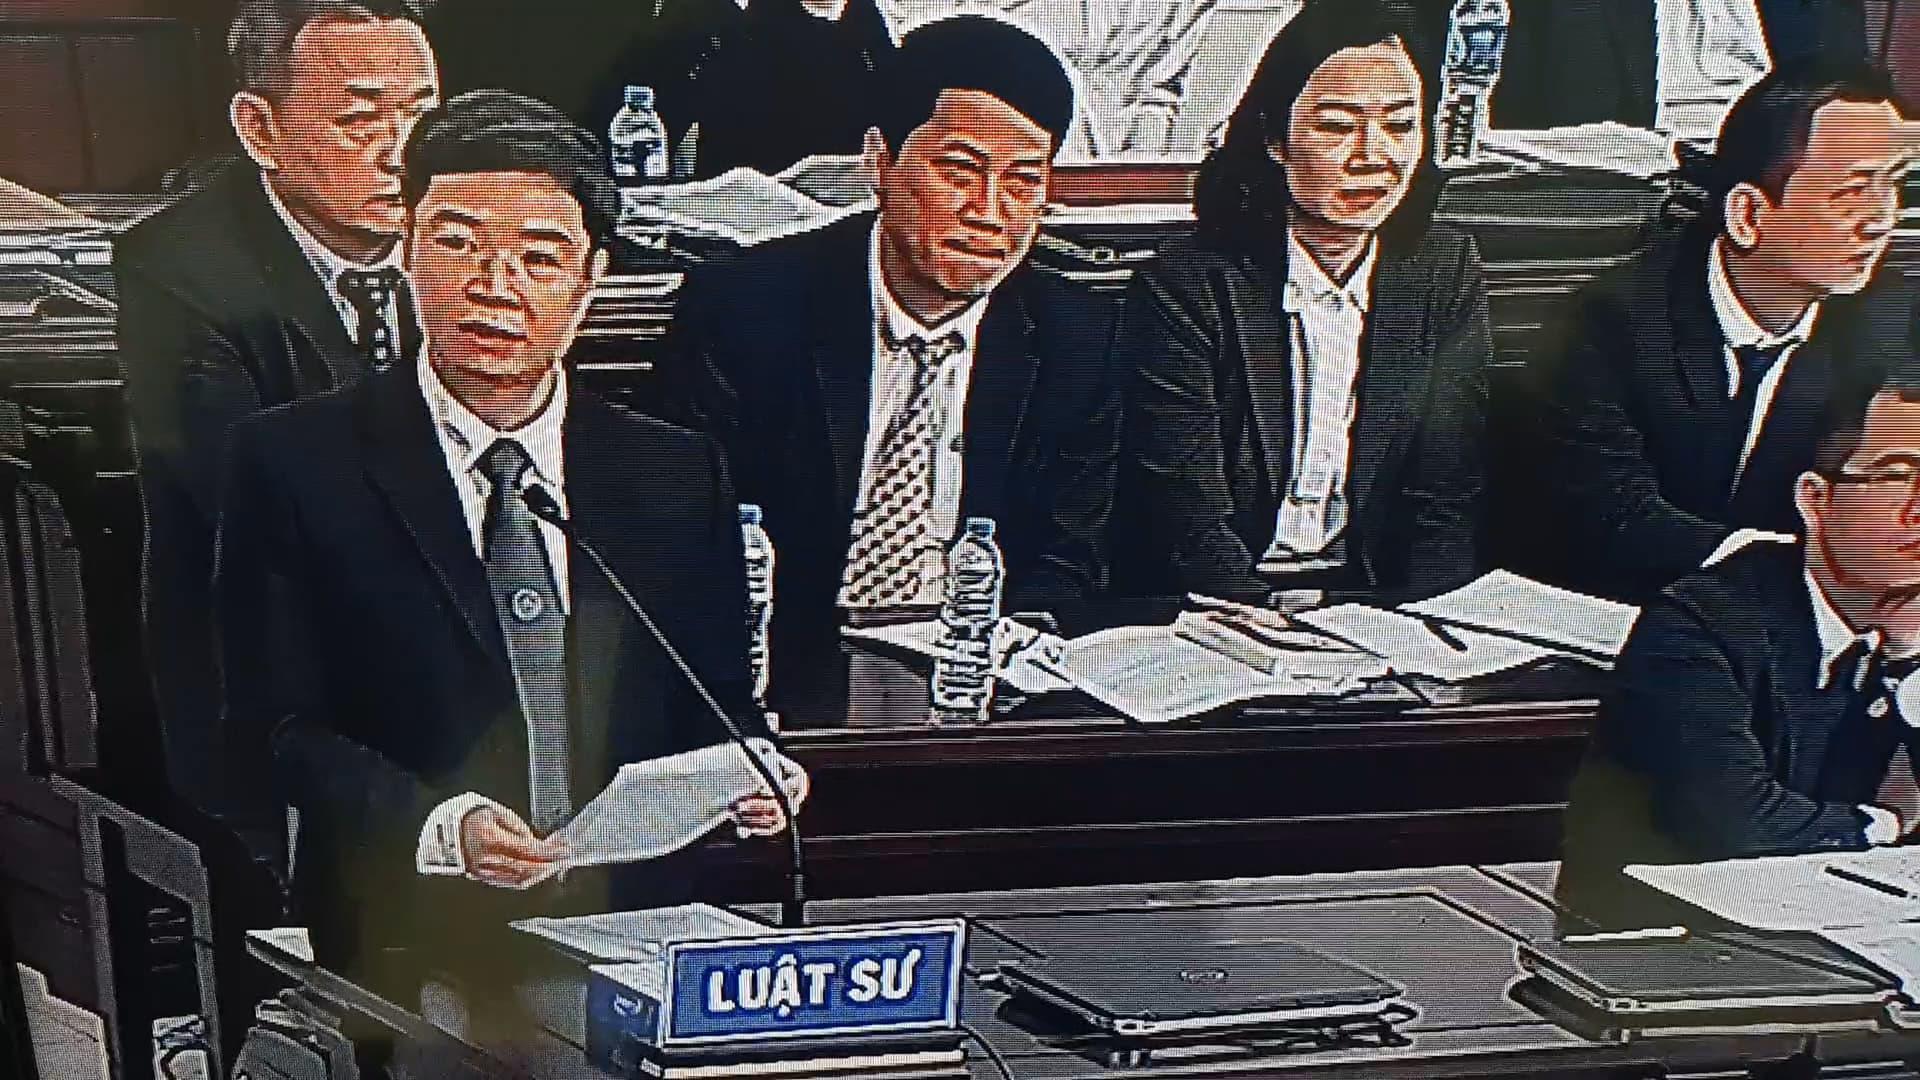 Luật sư: Thân chủ là Trưởng Ban vì sự tiến bộ của phụ nữ, không được phân công ở dự án của TISCO - Ảnh 2.